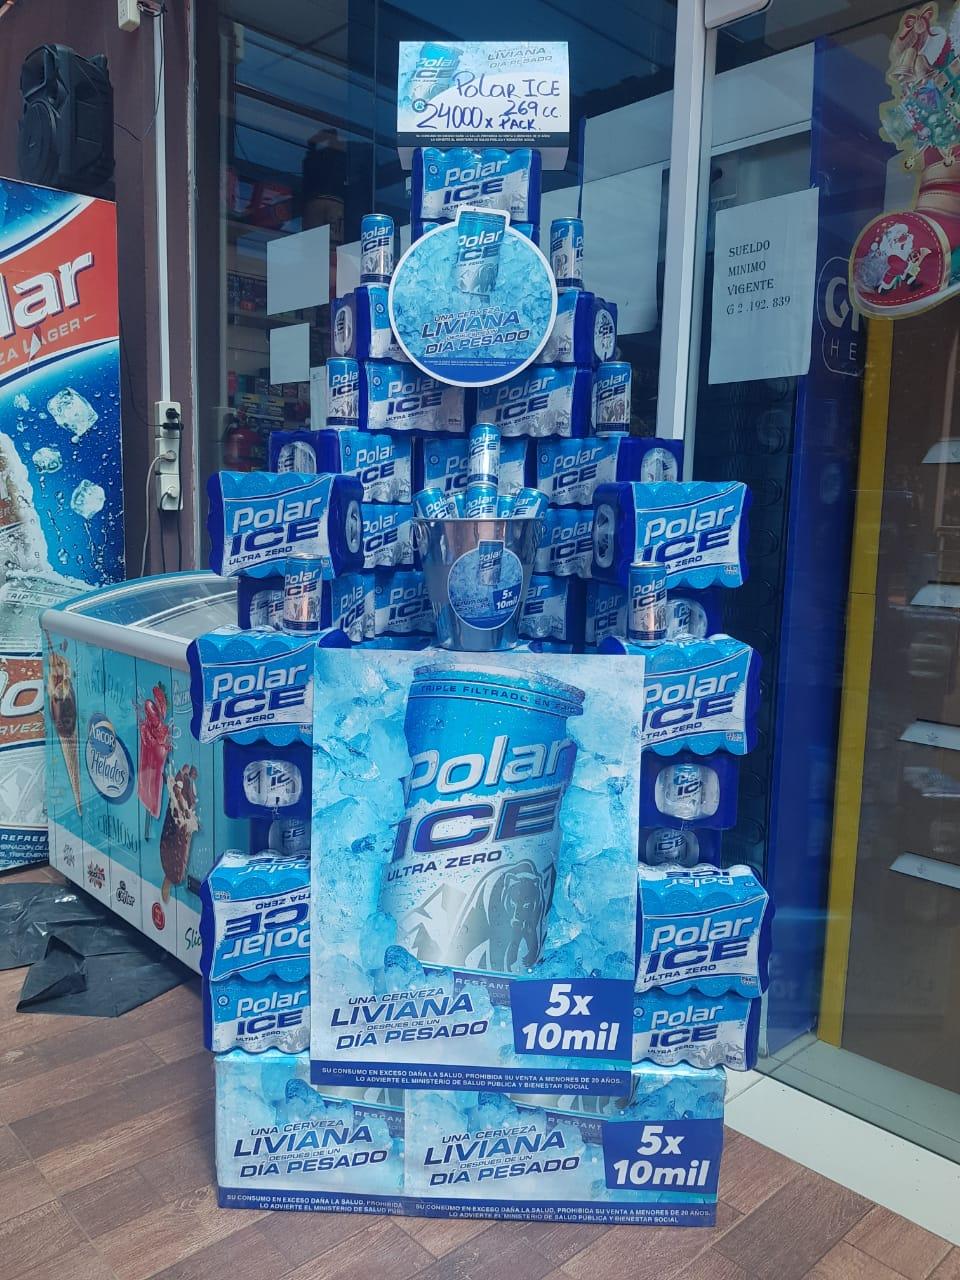 POLAR ICE: Más liviana, más refrescante y con menos calorías para vos